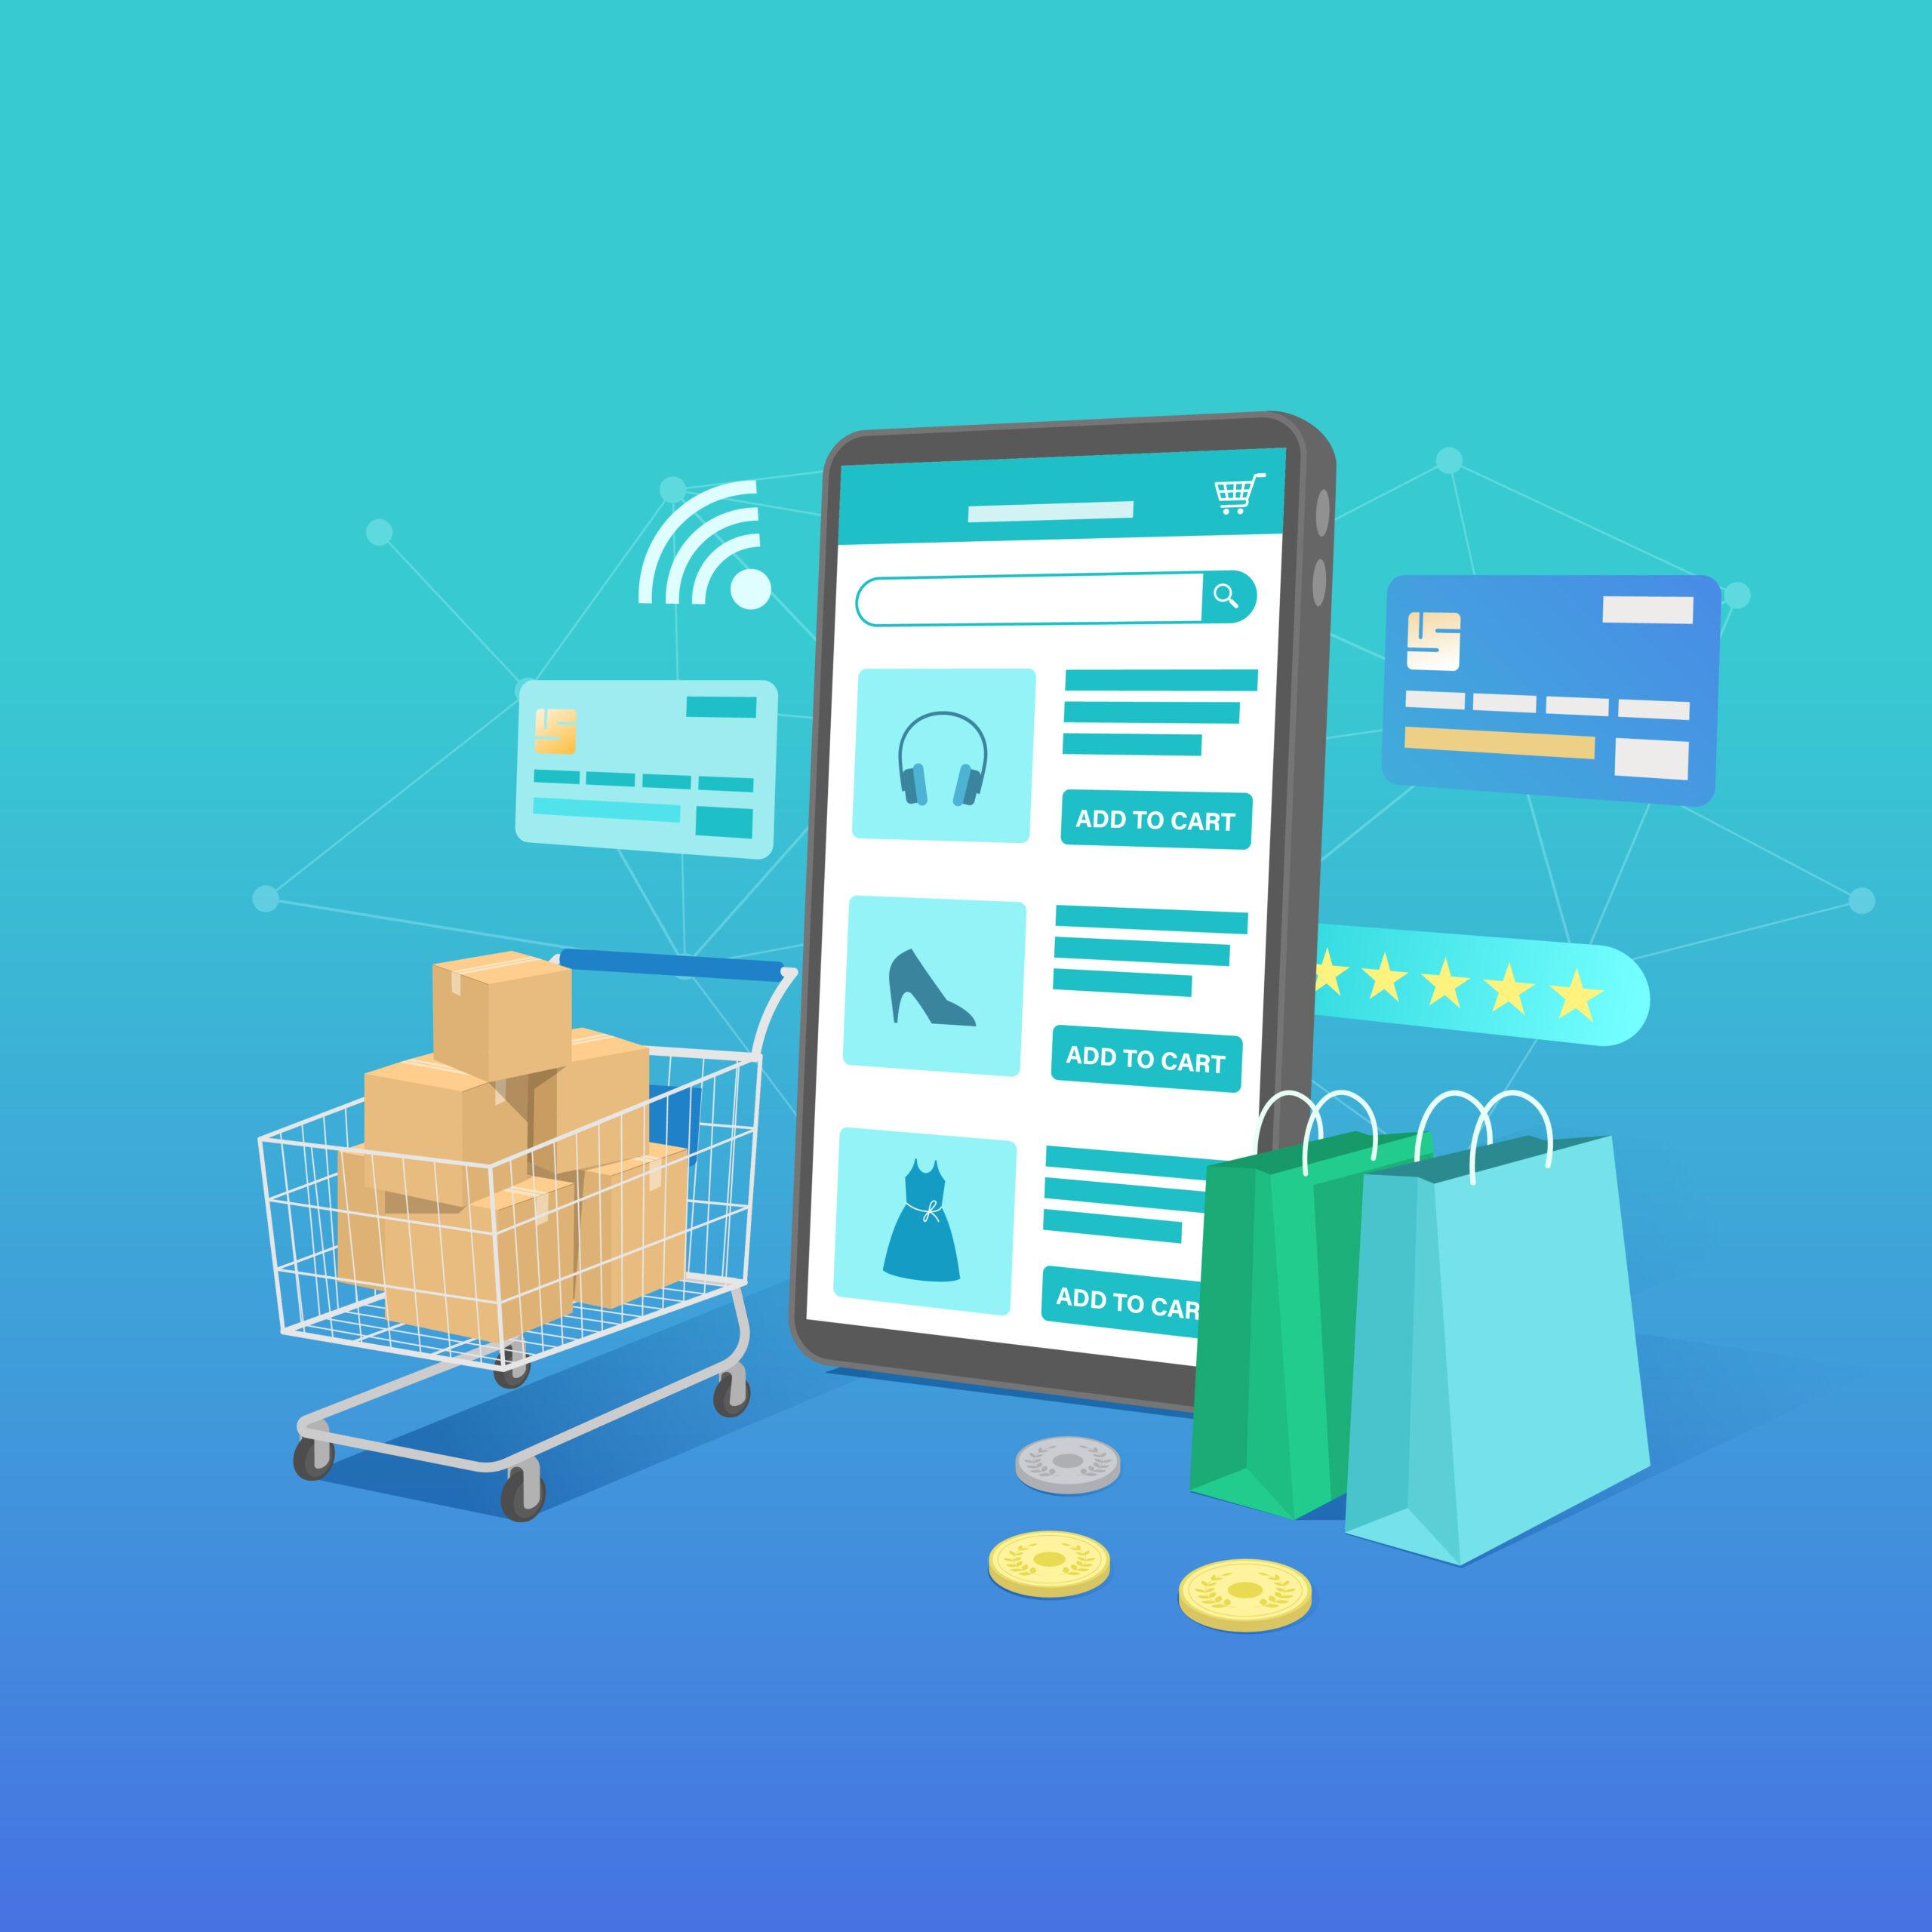 ¿Qué es PrestaShop y por qué usarlo para crear mi propio eCommerce?